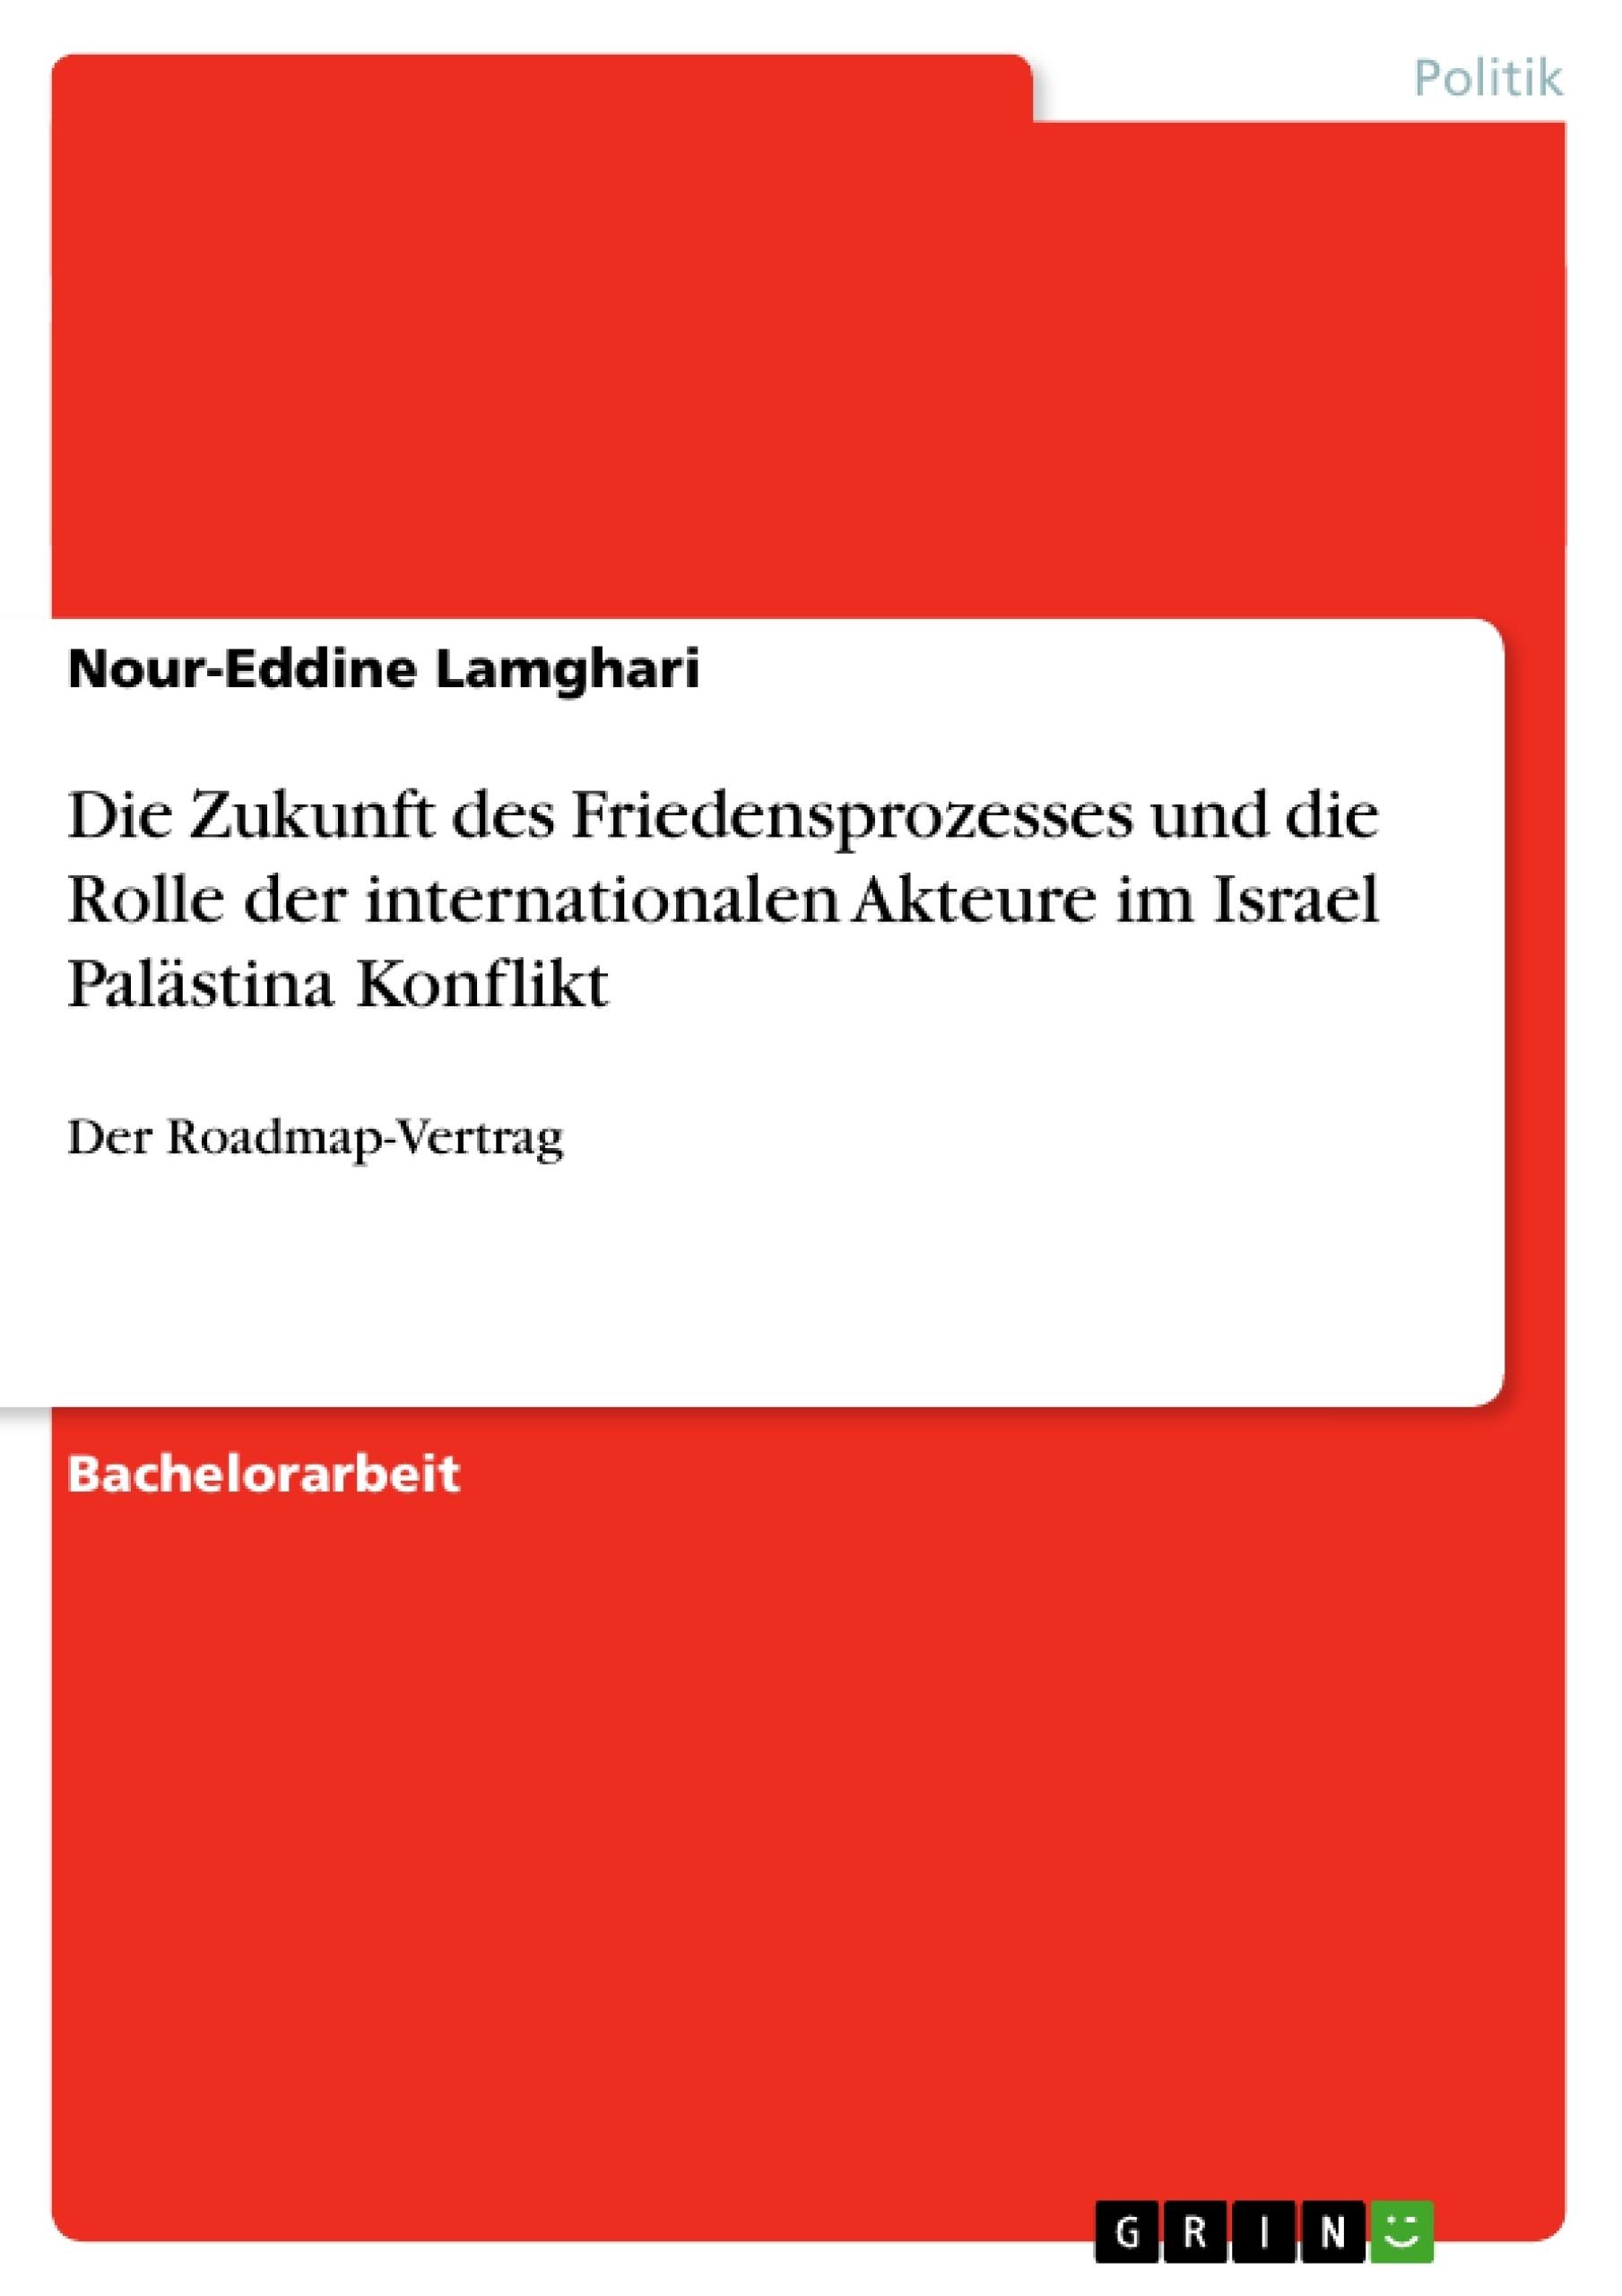 Titel: Die Zukunft des Friedensprozesses und die Rolle der internationalen Akteure im Israel Palästina Konflikt